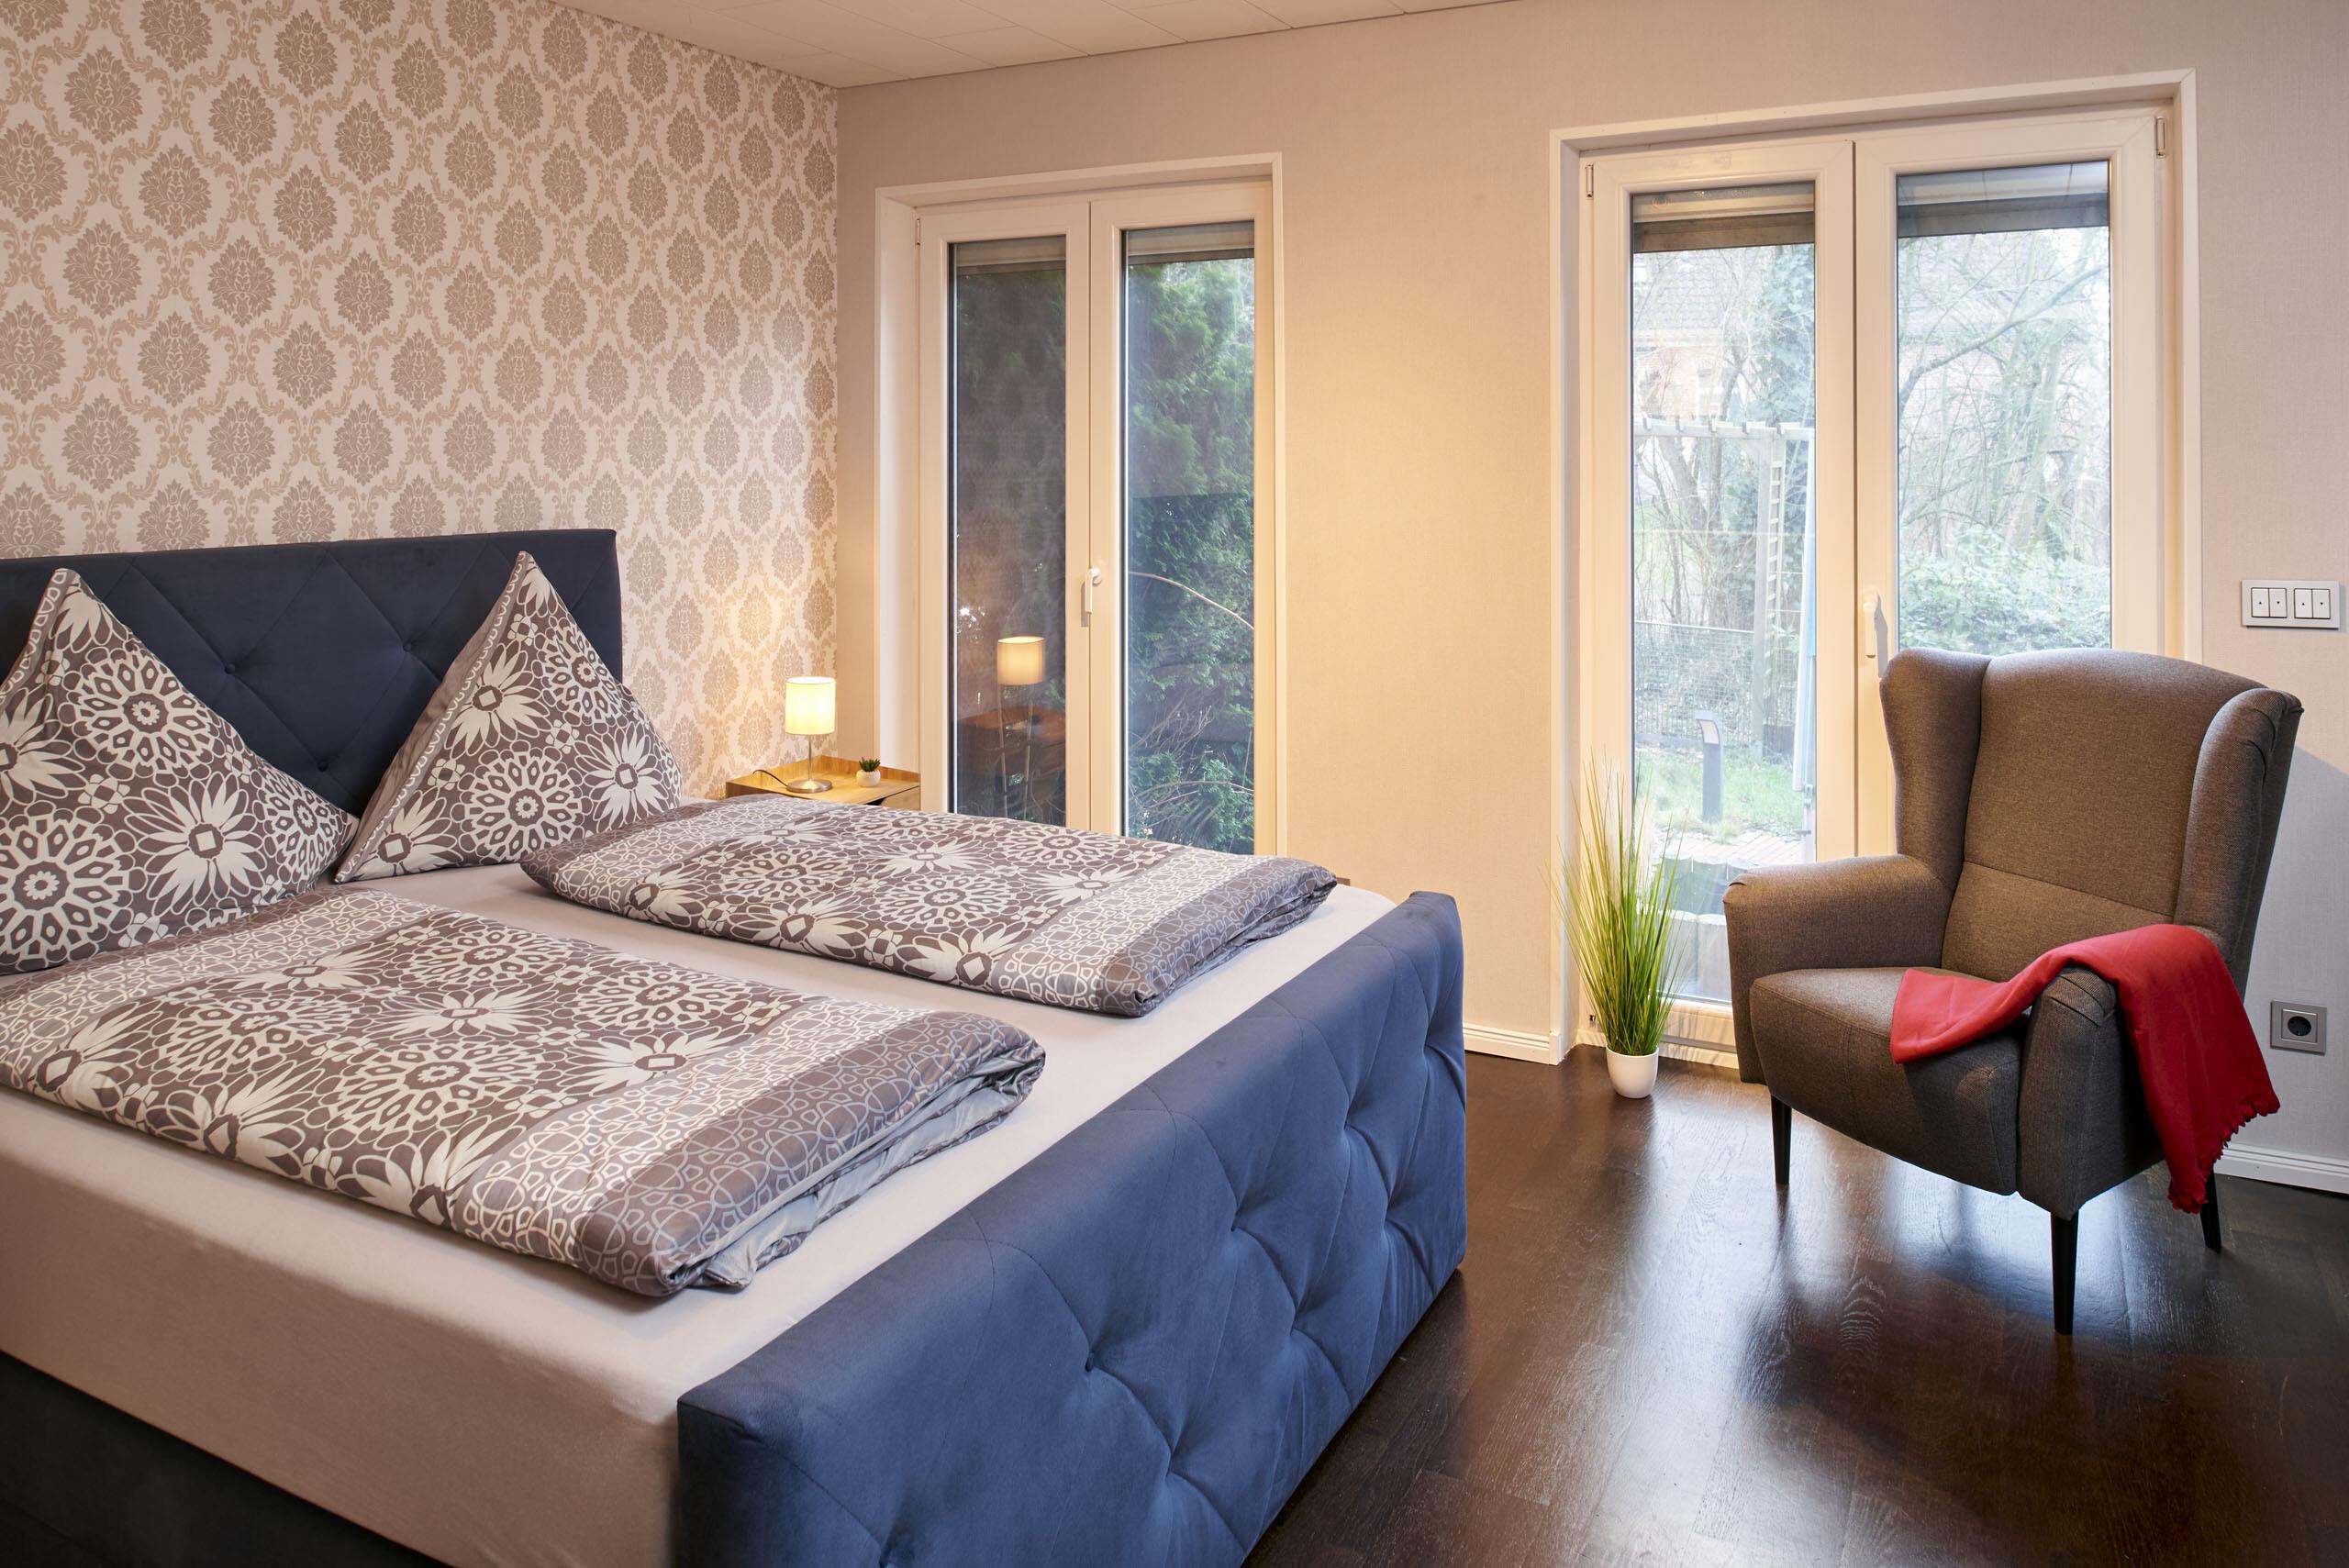 Schlafzimmer Kunstapartment